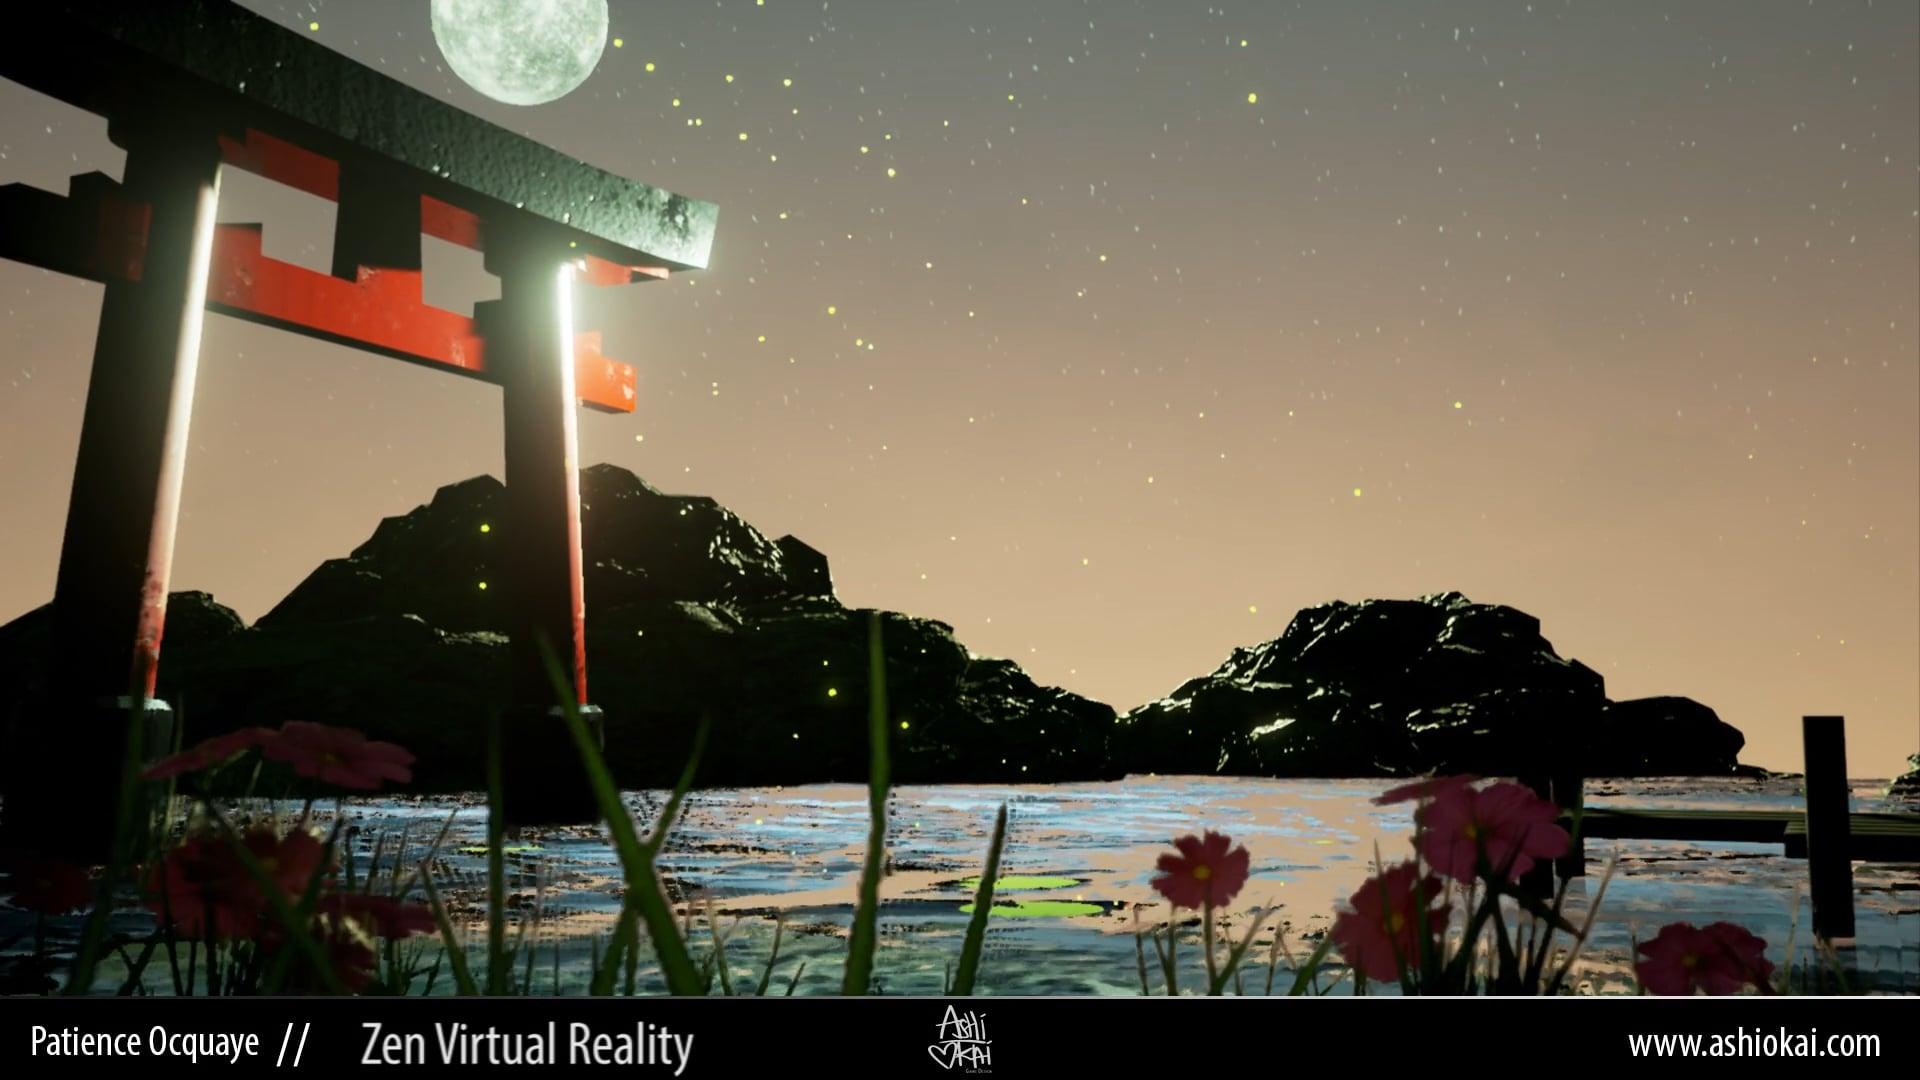 Zen Virtual reality